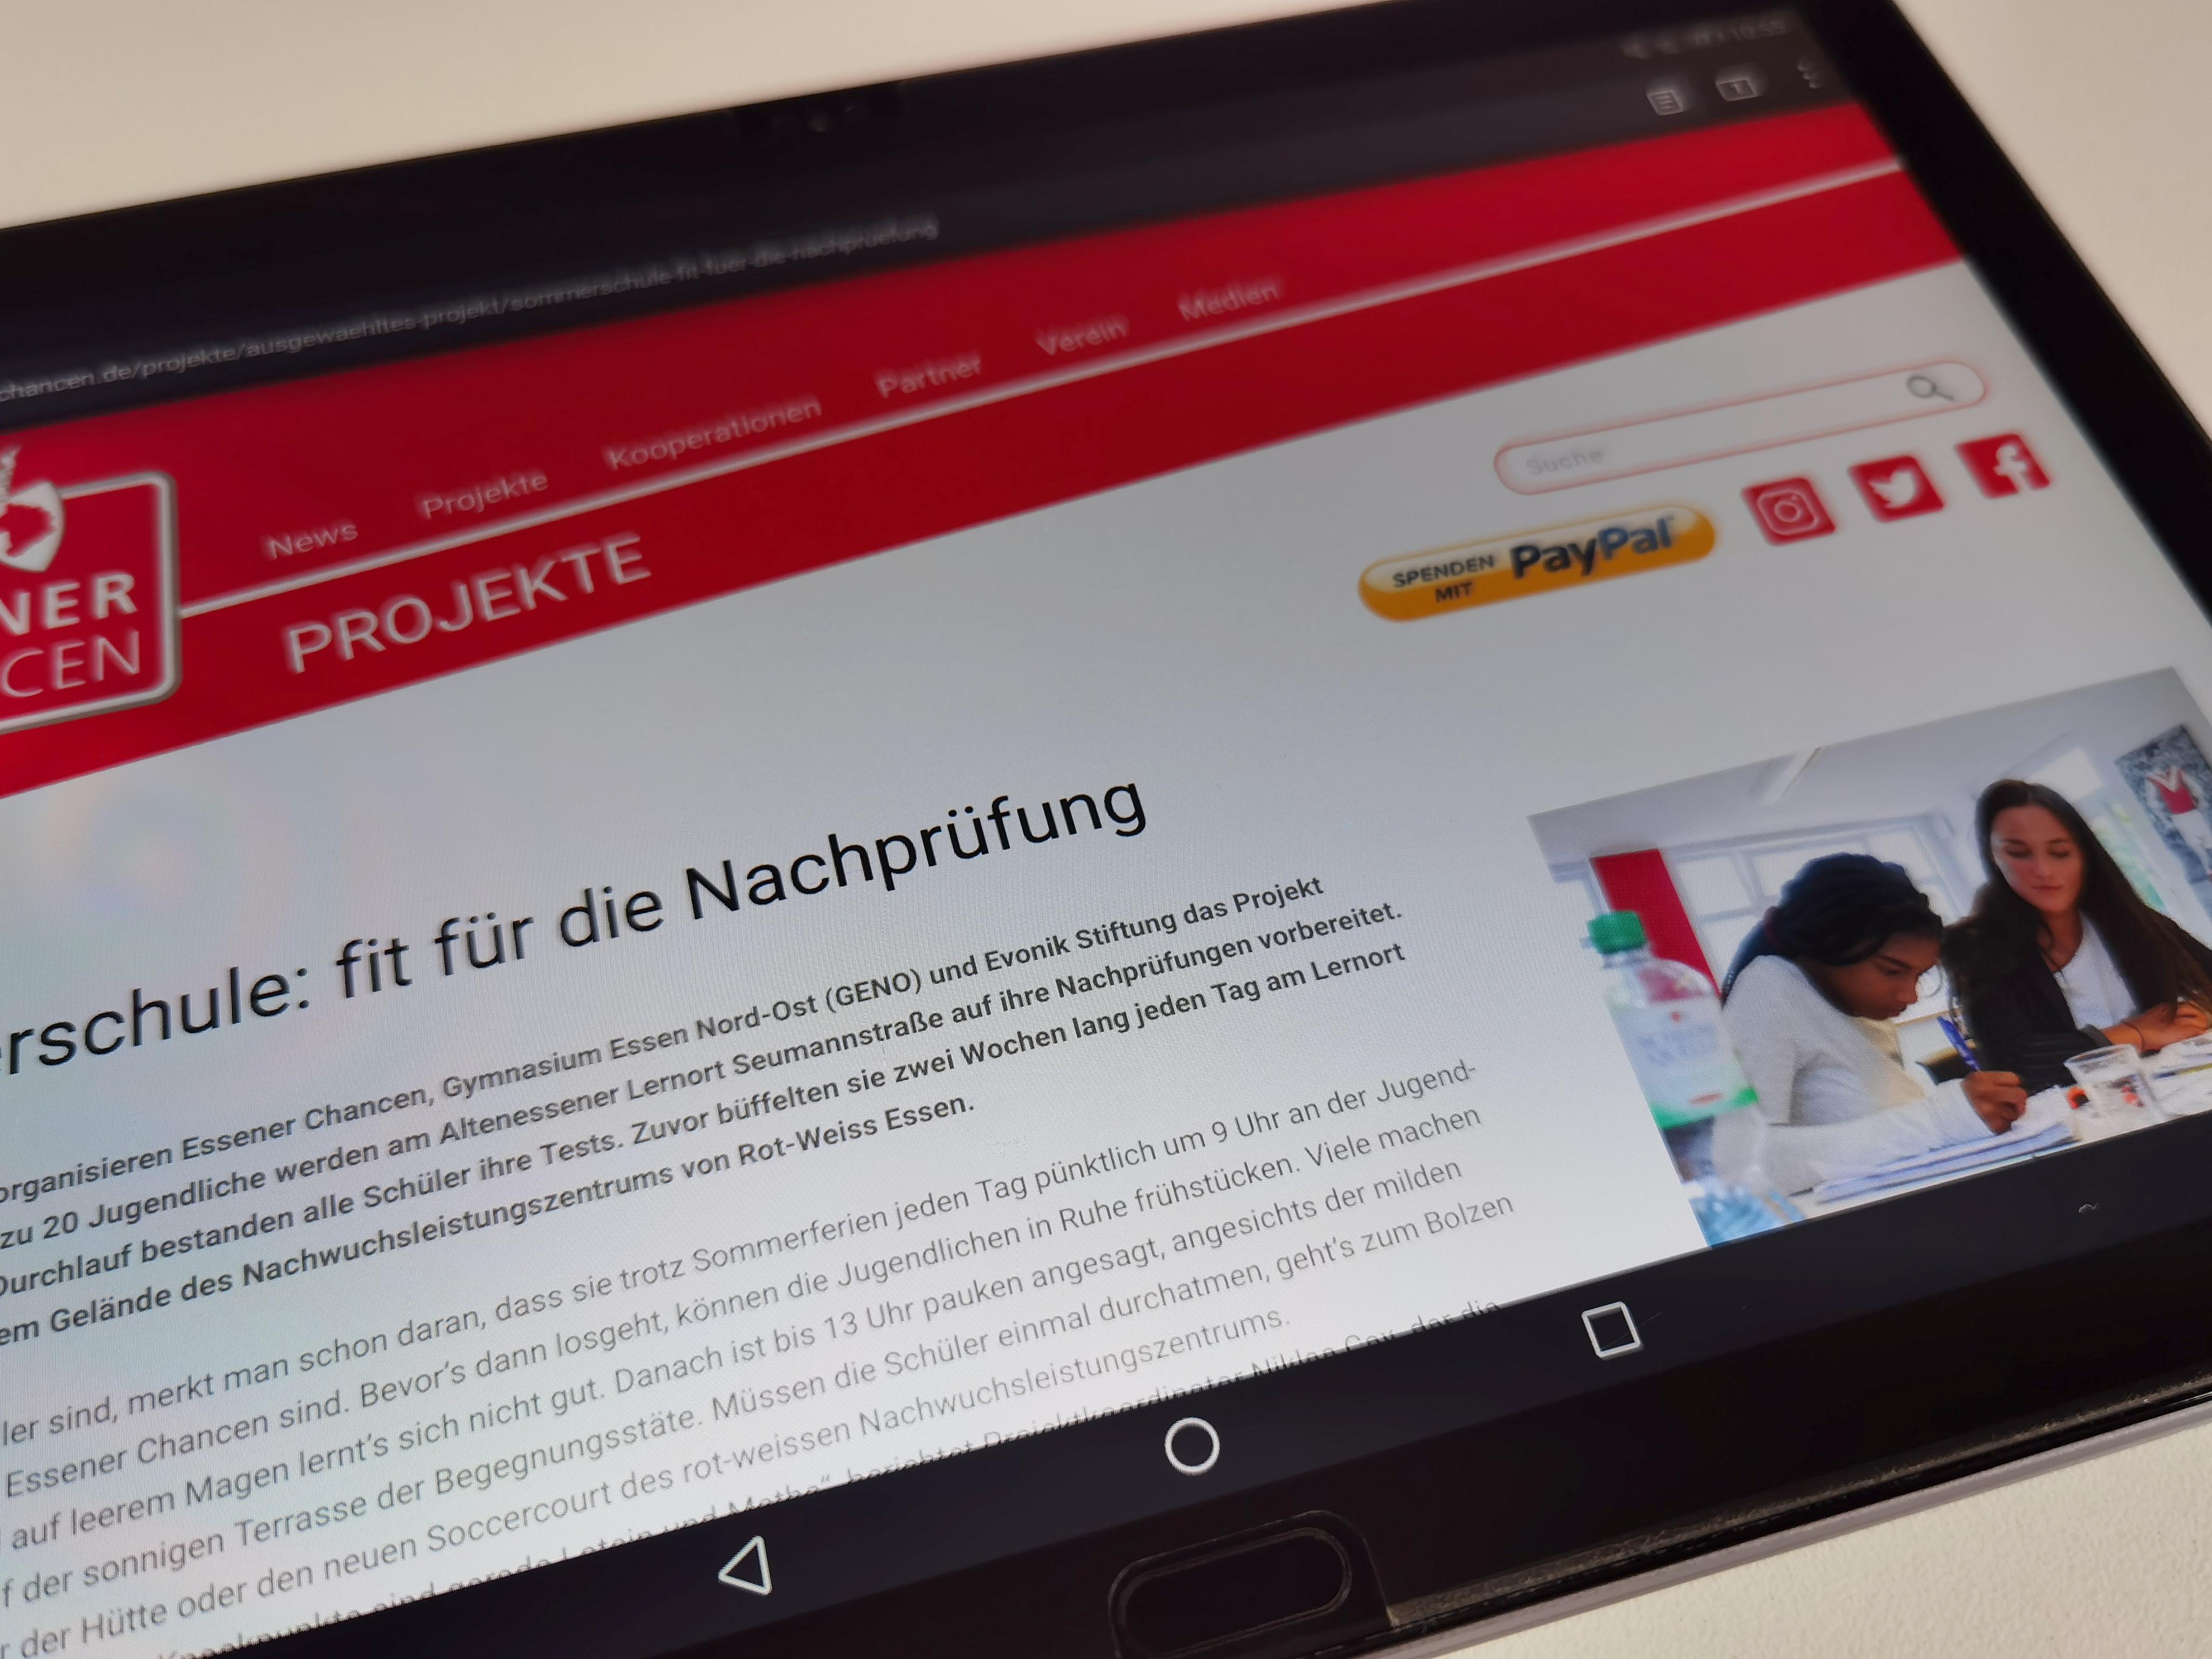 Optischer Hingucker: Die Essener-Chancen-Seite ist erneut responsiv gestaltet und macht auf allen Endgeräten eine gute Figur. Foto: Müller/EC